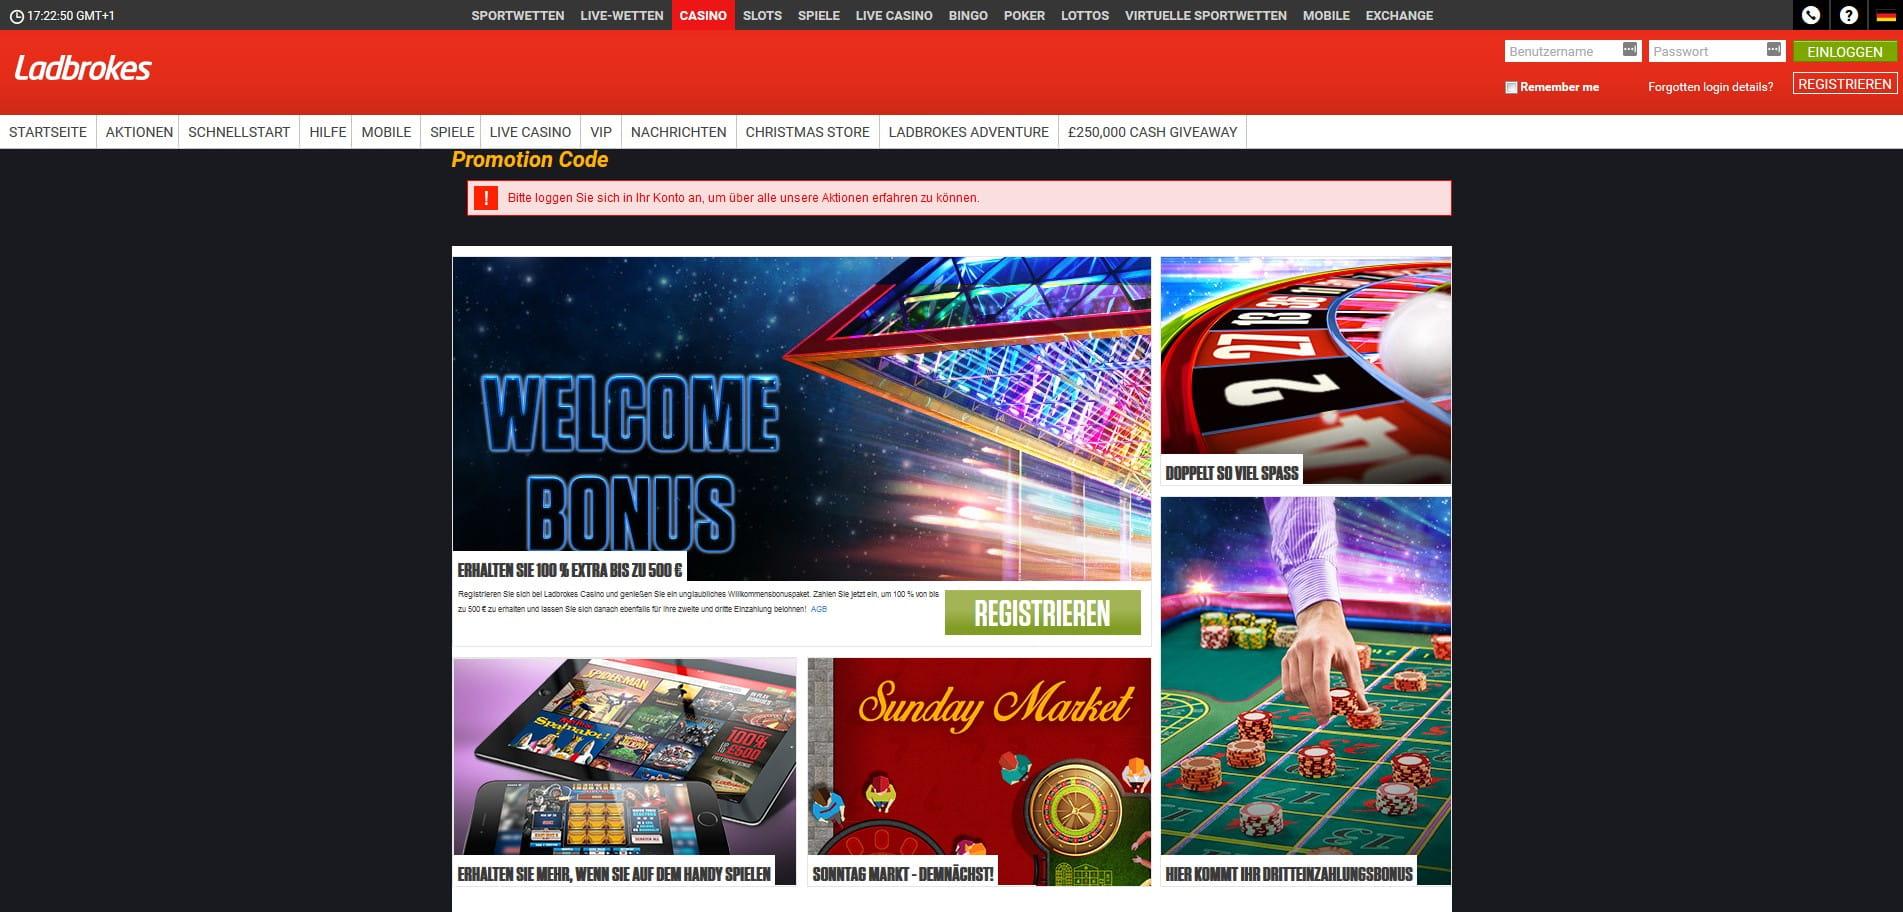 deutsche casinos poker